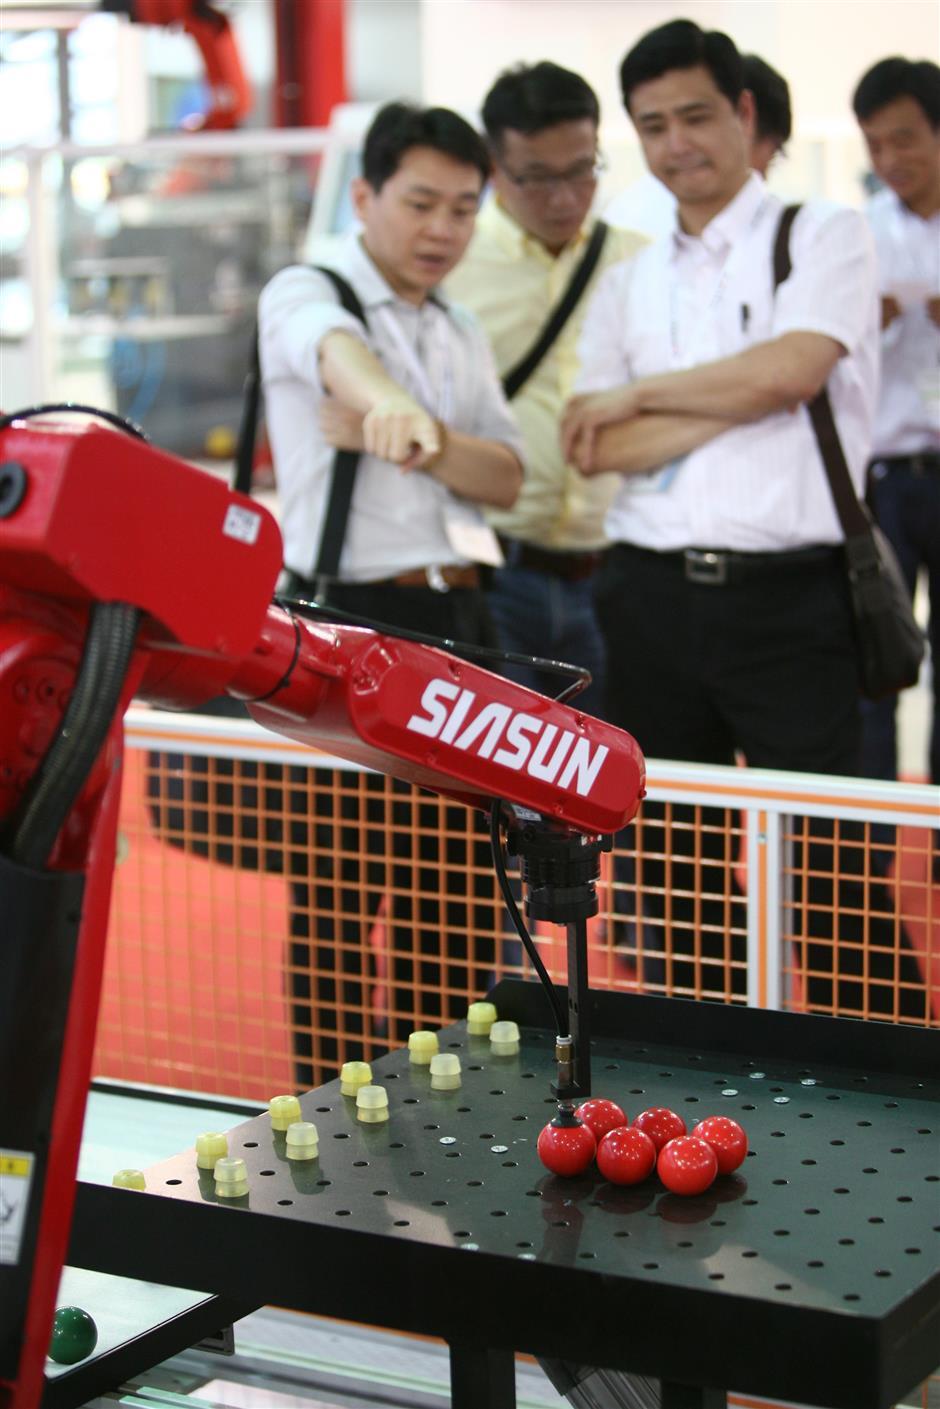 Siasunseesrevenue surge of 82.3 percent in Q3